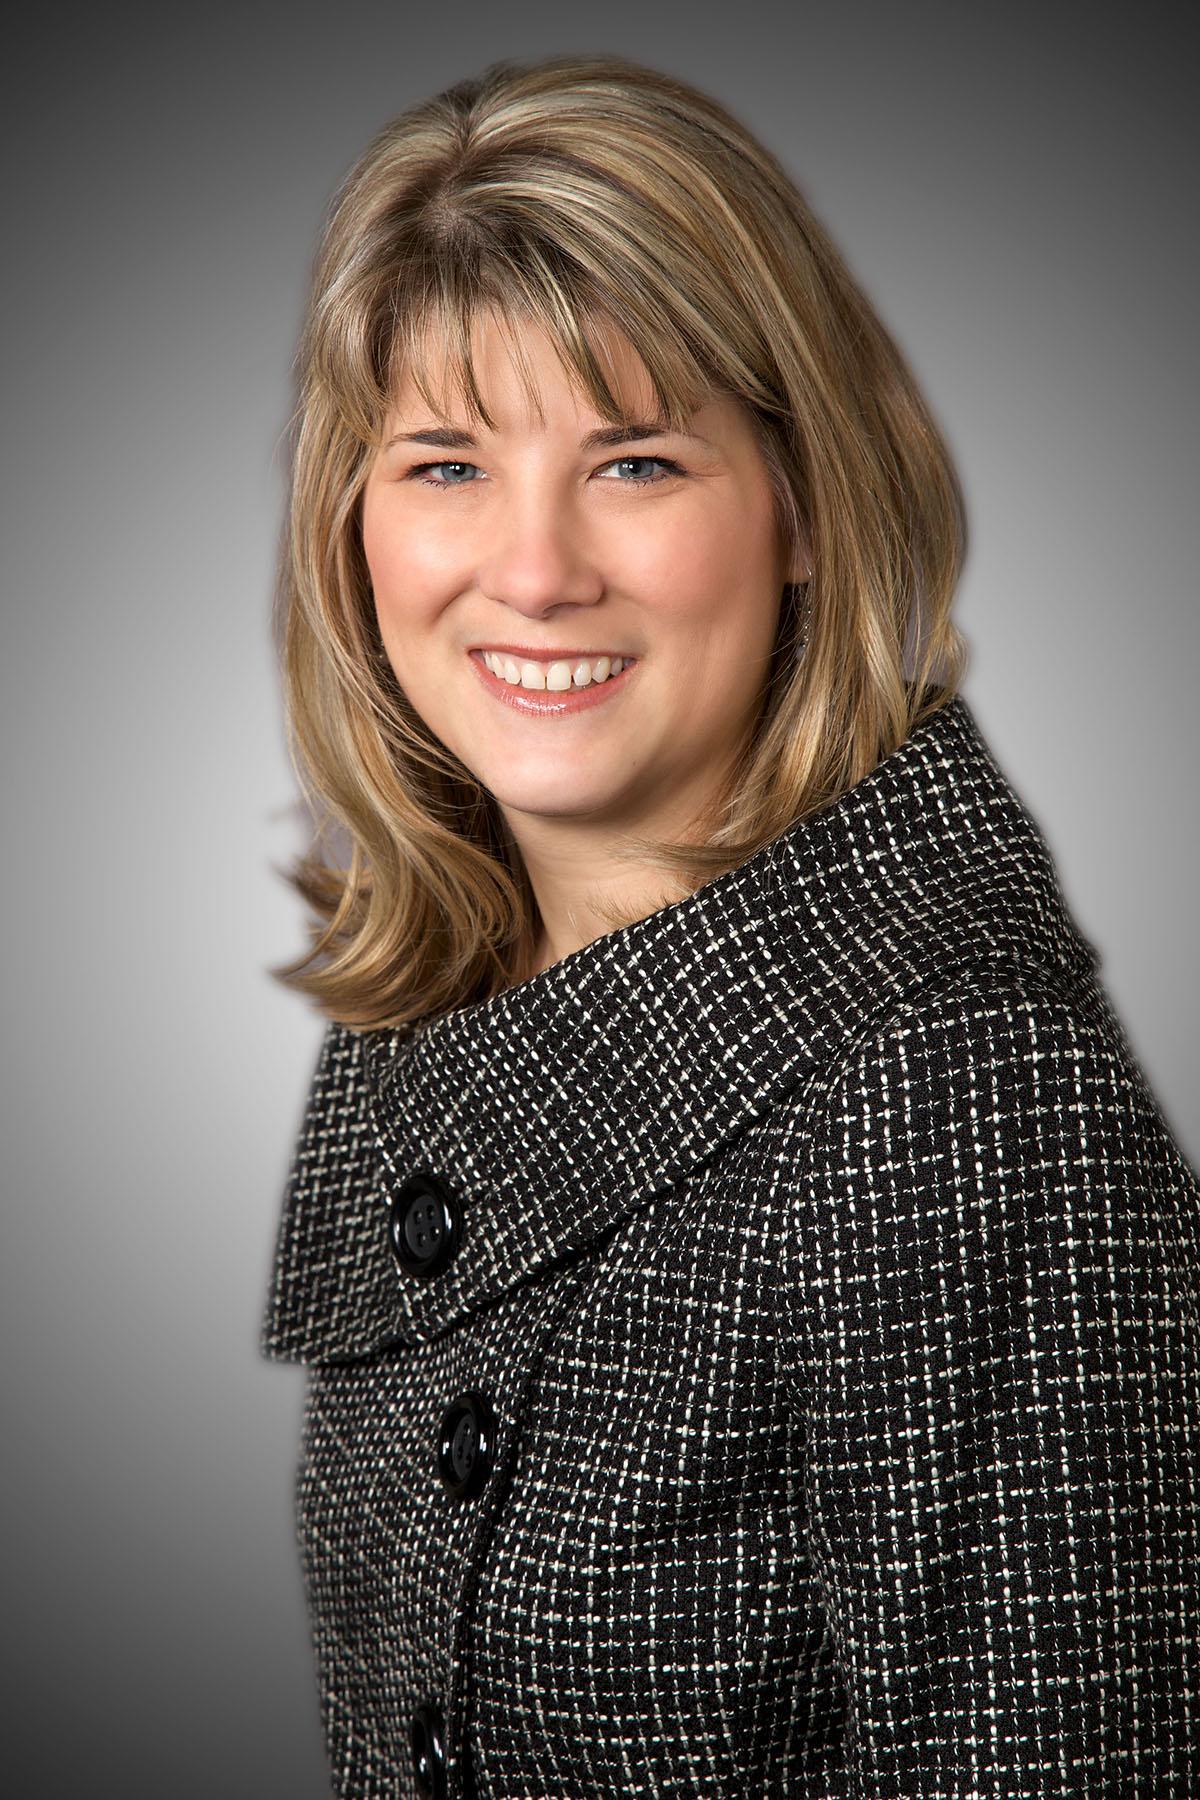 Christina Grabowski